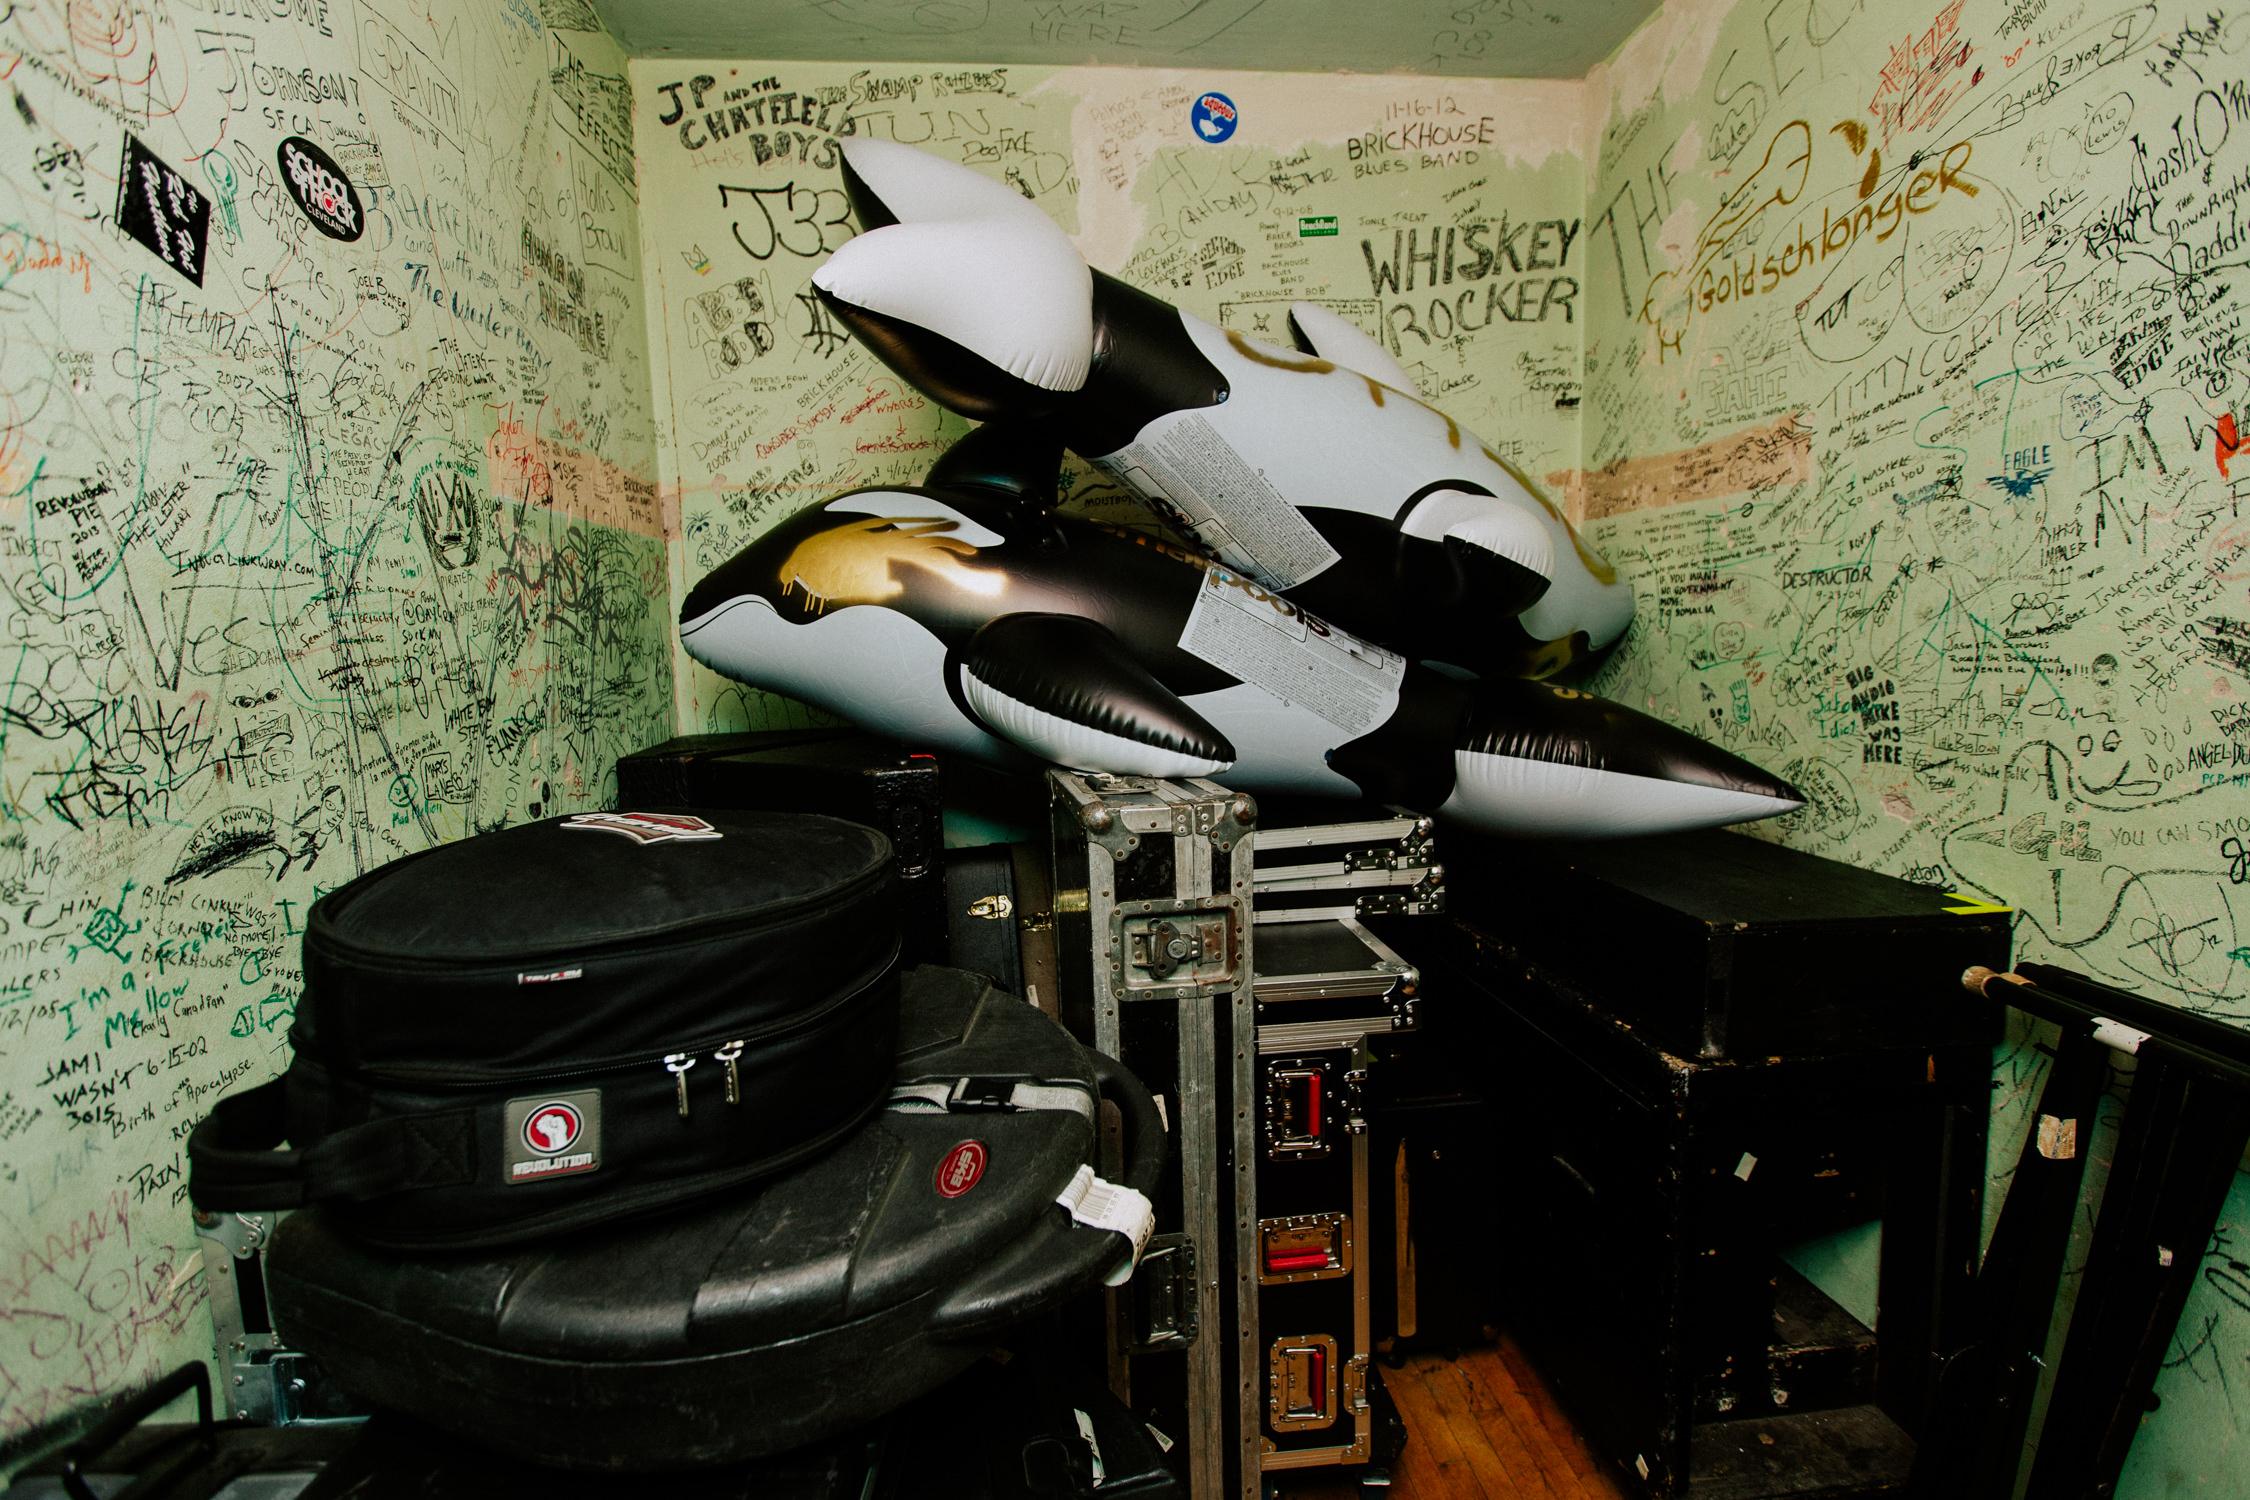 killer-whales-tour-backstage-smallpools-AnnaLeeMedia